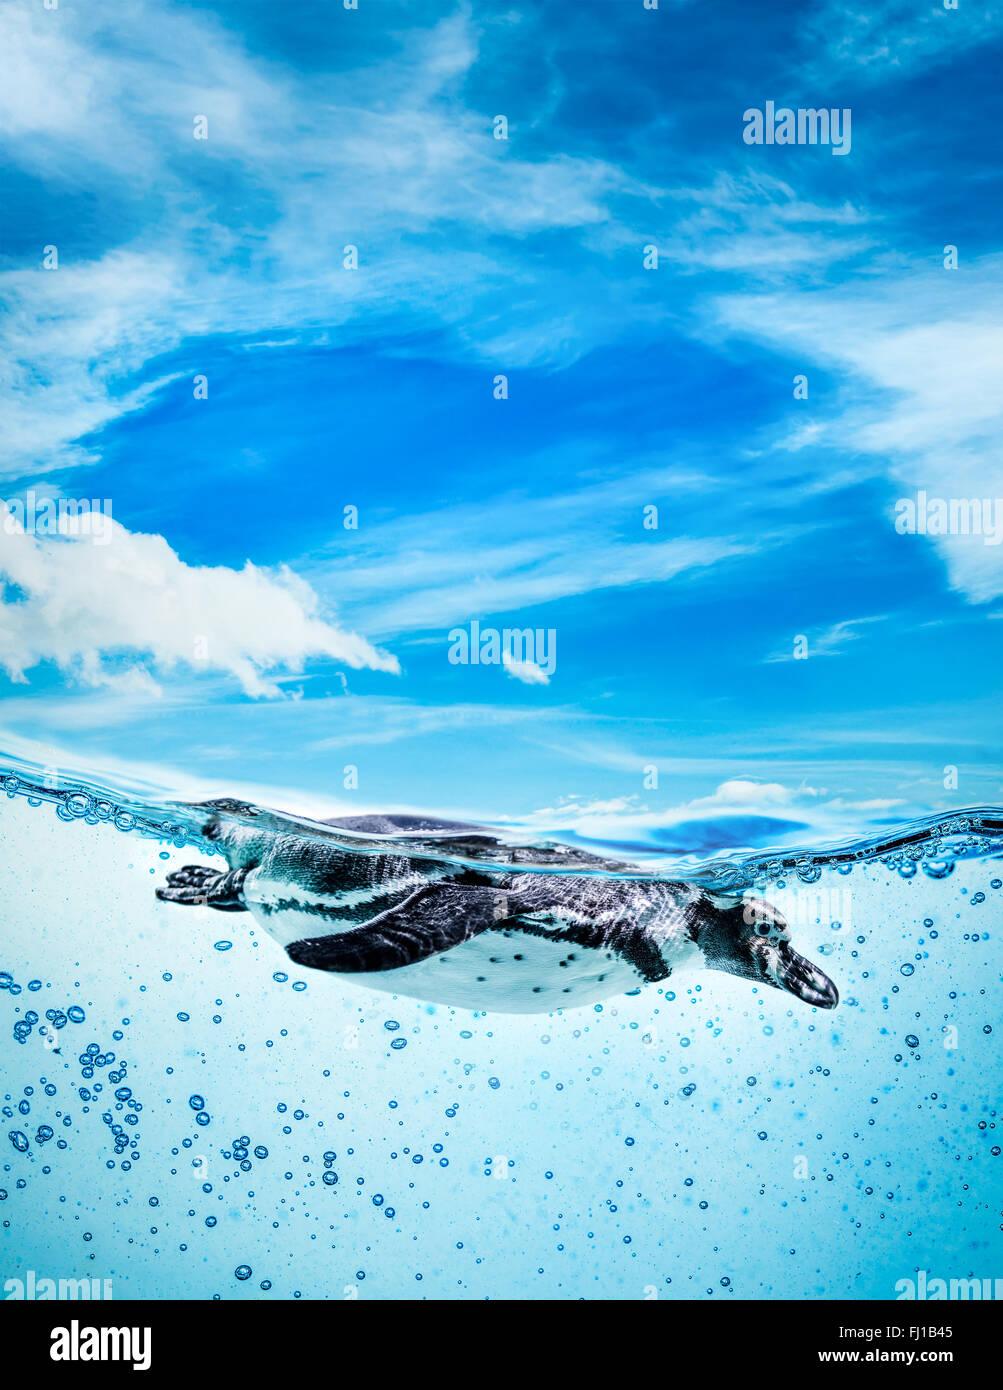 Manchot de Humboldt (Spheniscus humboldti) appelé aussi Pingouin péruvien, ou Patranca, natation dans Photo Stock